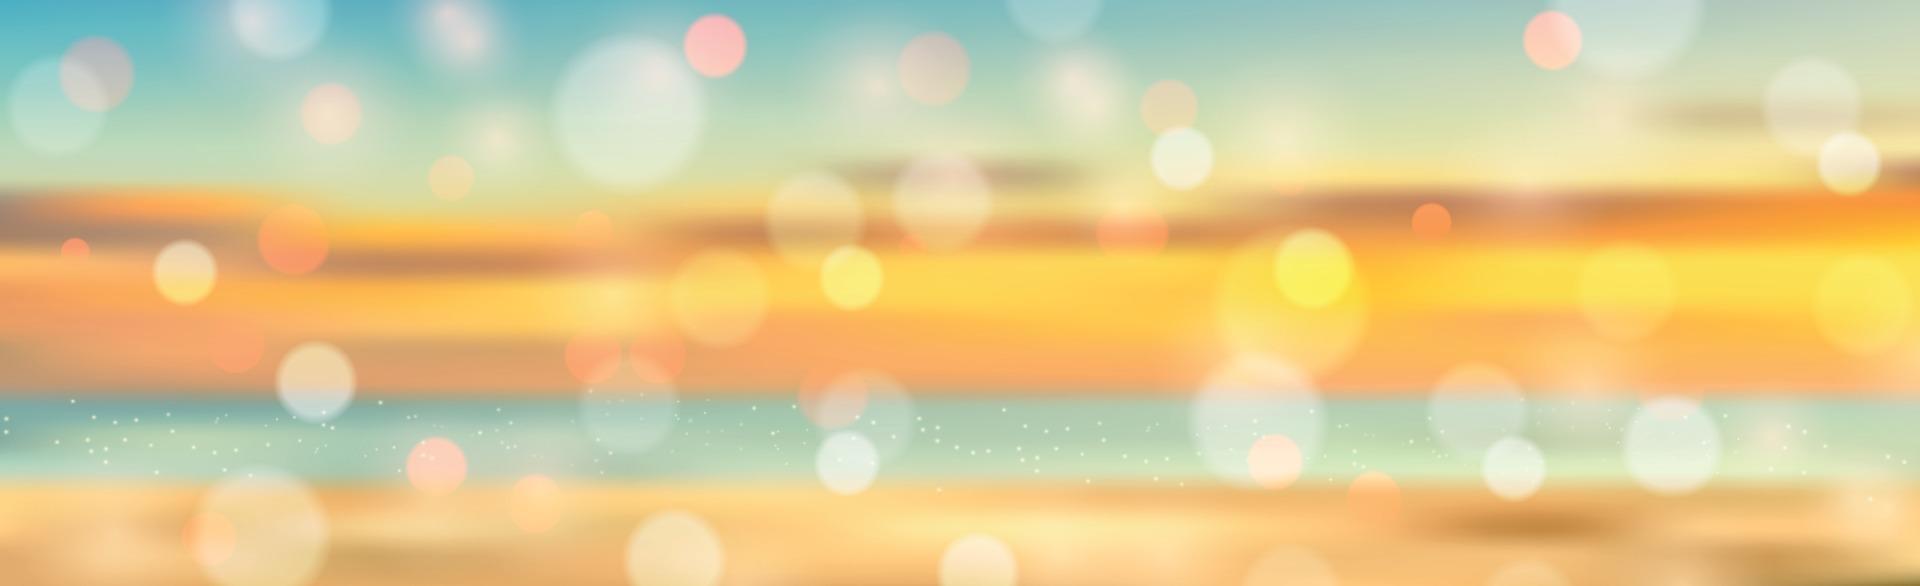 estate panorama bokeh vacanza in mare - illustrazione vettore